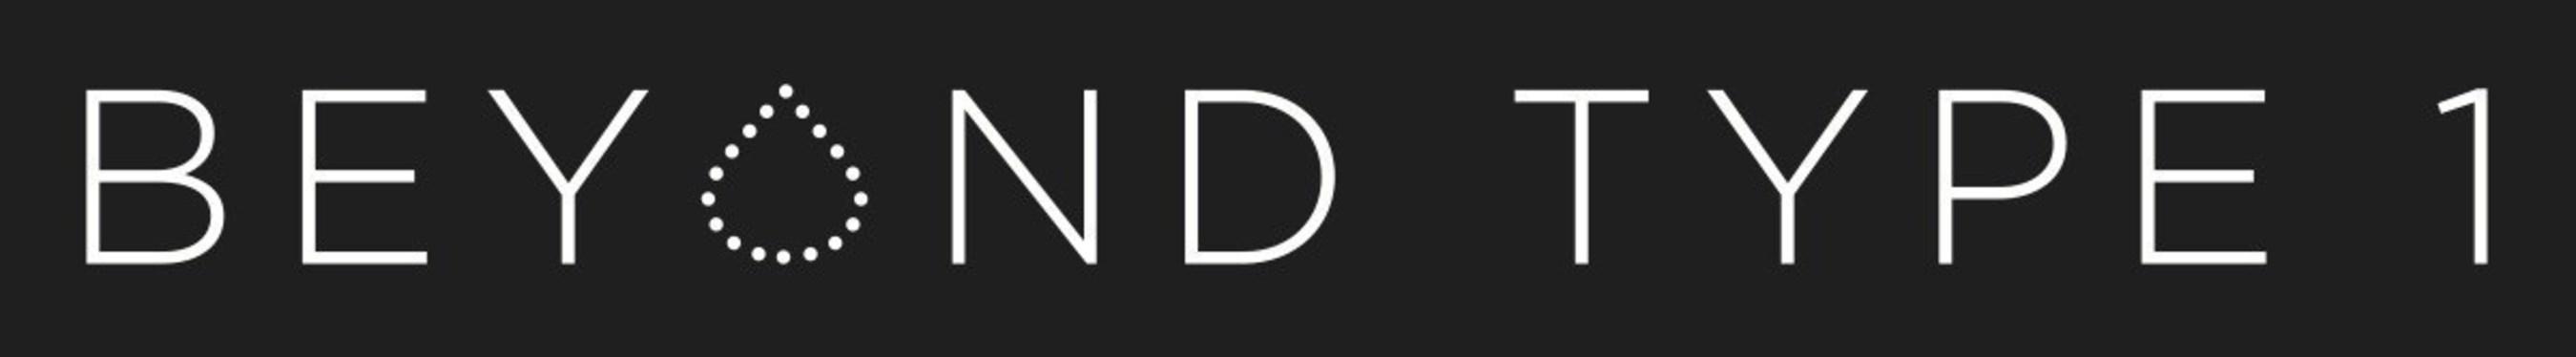 BEYOND TYPE 1 Logo